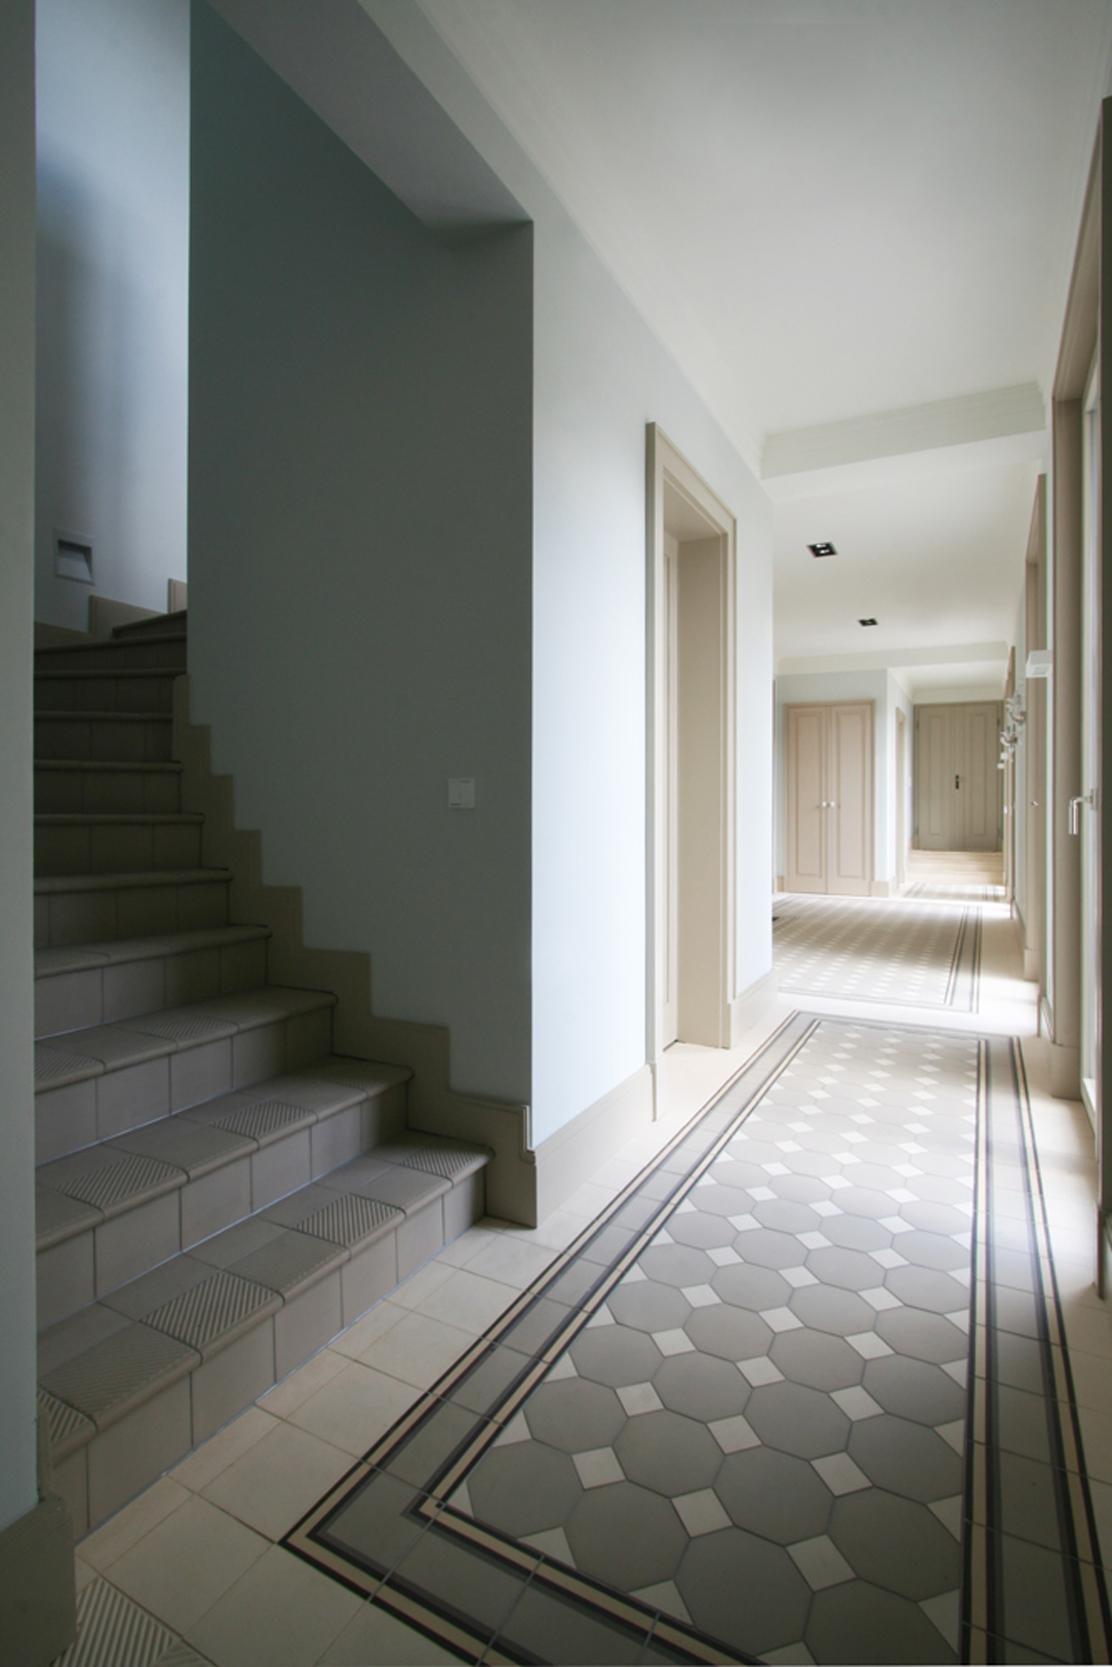 KLASSIK UND TRADITION - Neubau klassizistische Villa - Das helle Entree mit handgefertigten Mosaikziegeln von Golem Formziegel.